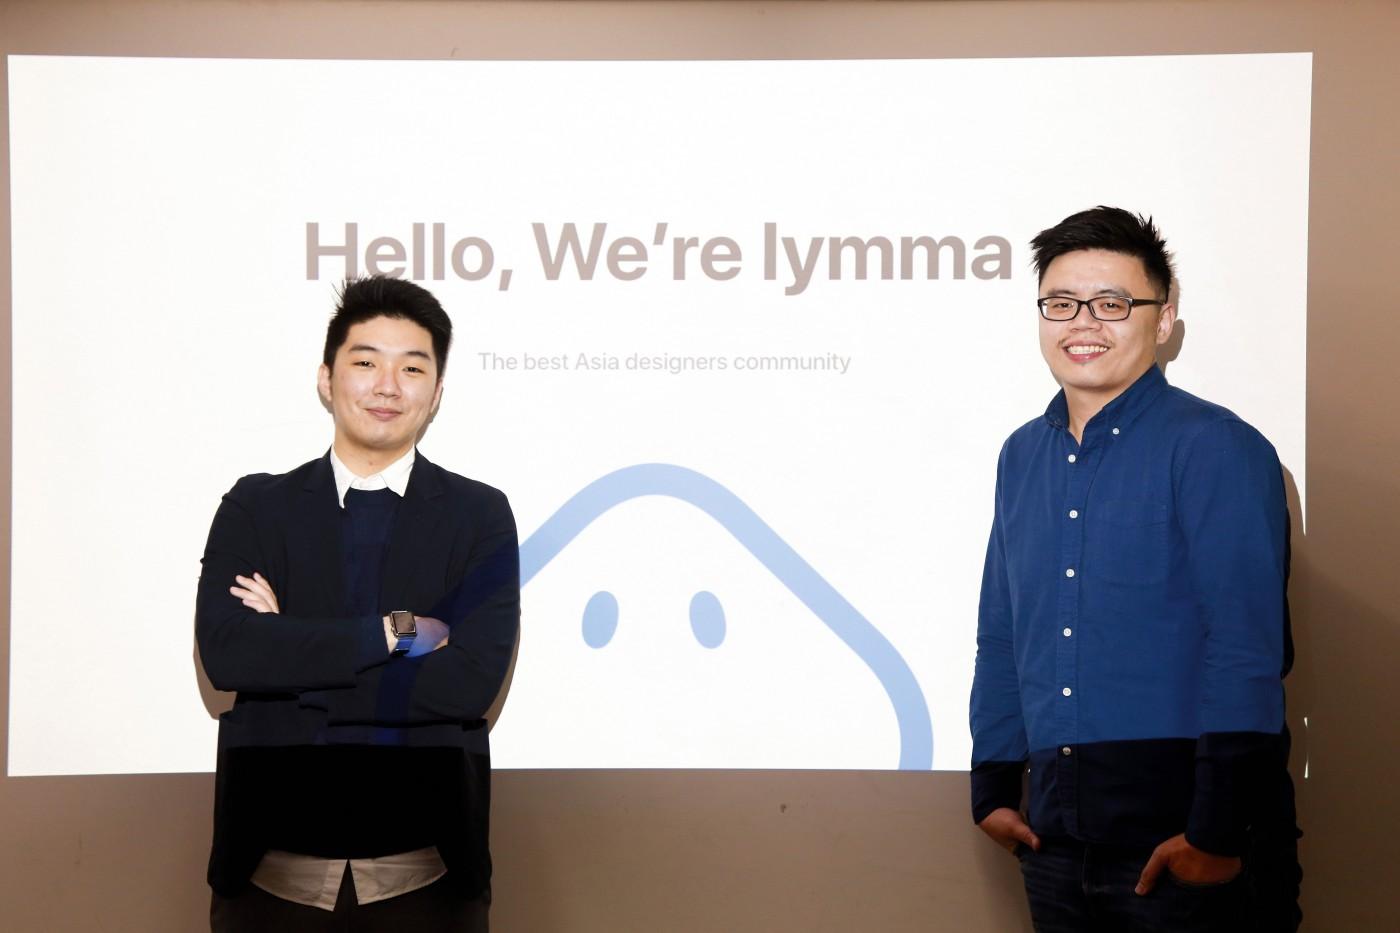 第一個以華人為主的線上設計師平台!lymma要推動更完善的設計產業生態系